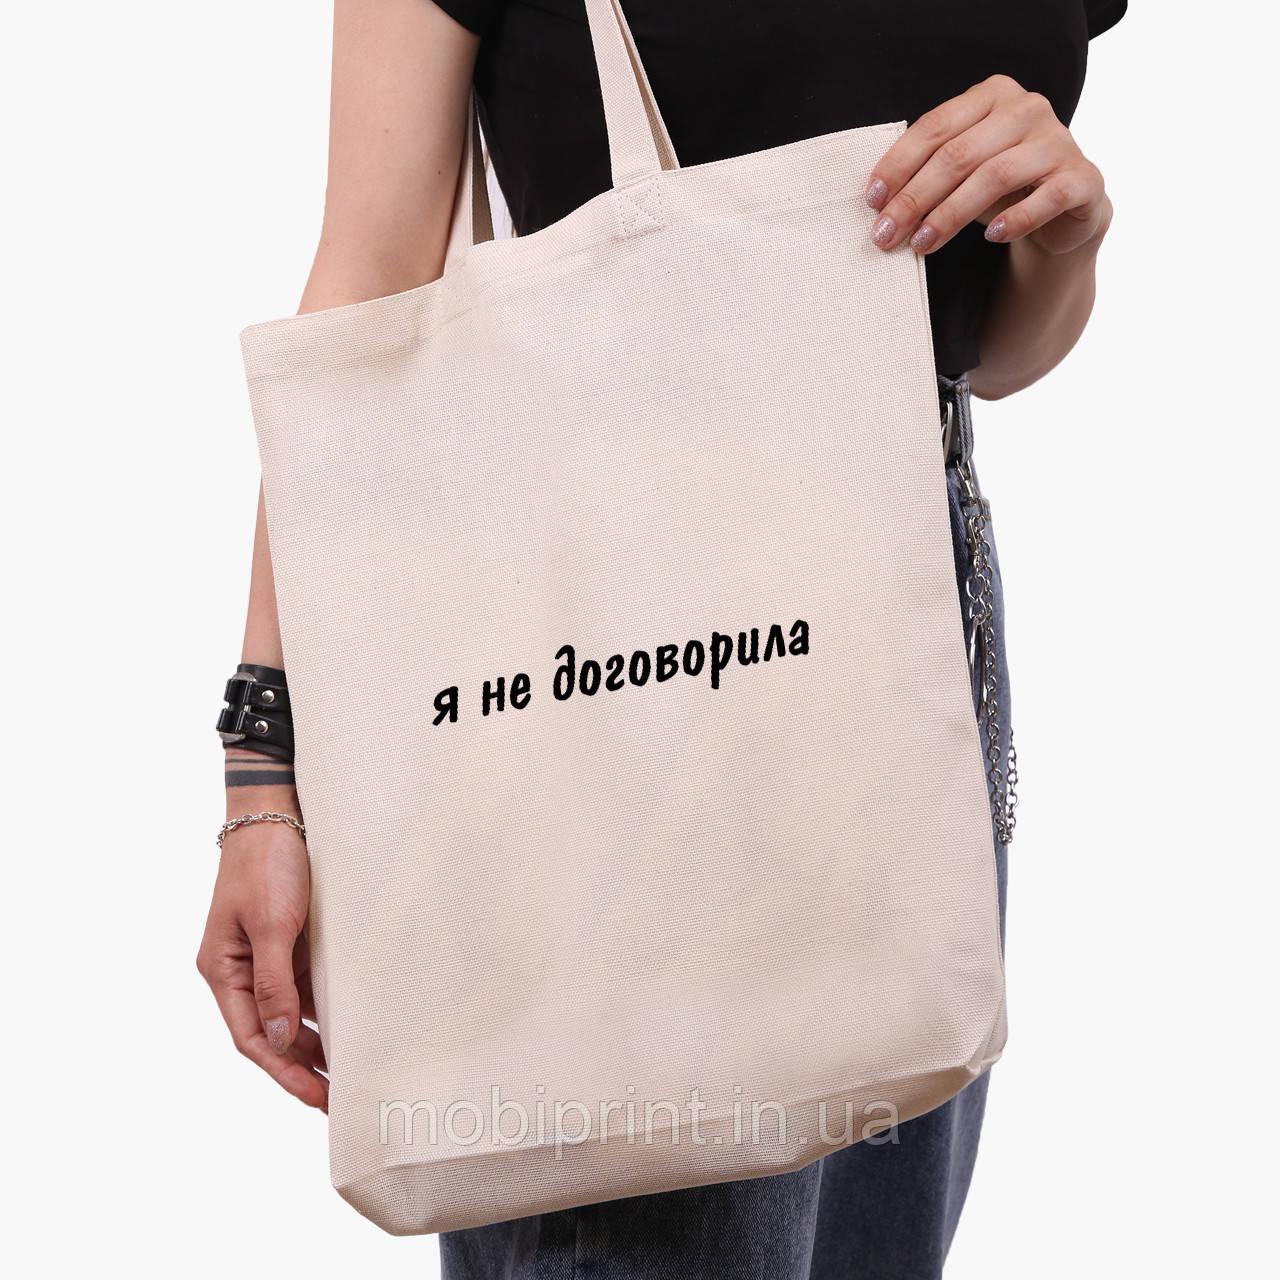 Эко сумка шоппер белая Я не договорила (I didn't finish) (9227-1283-1)  экосумка шопер 41*39*8 см